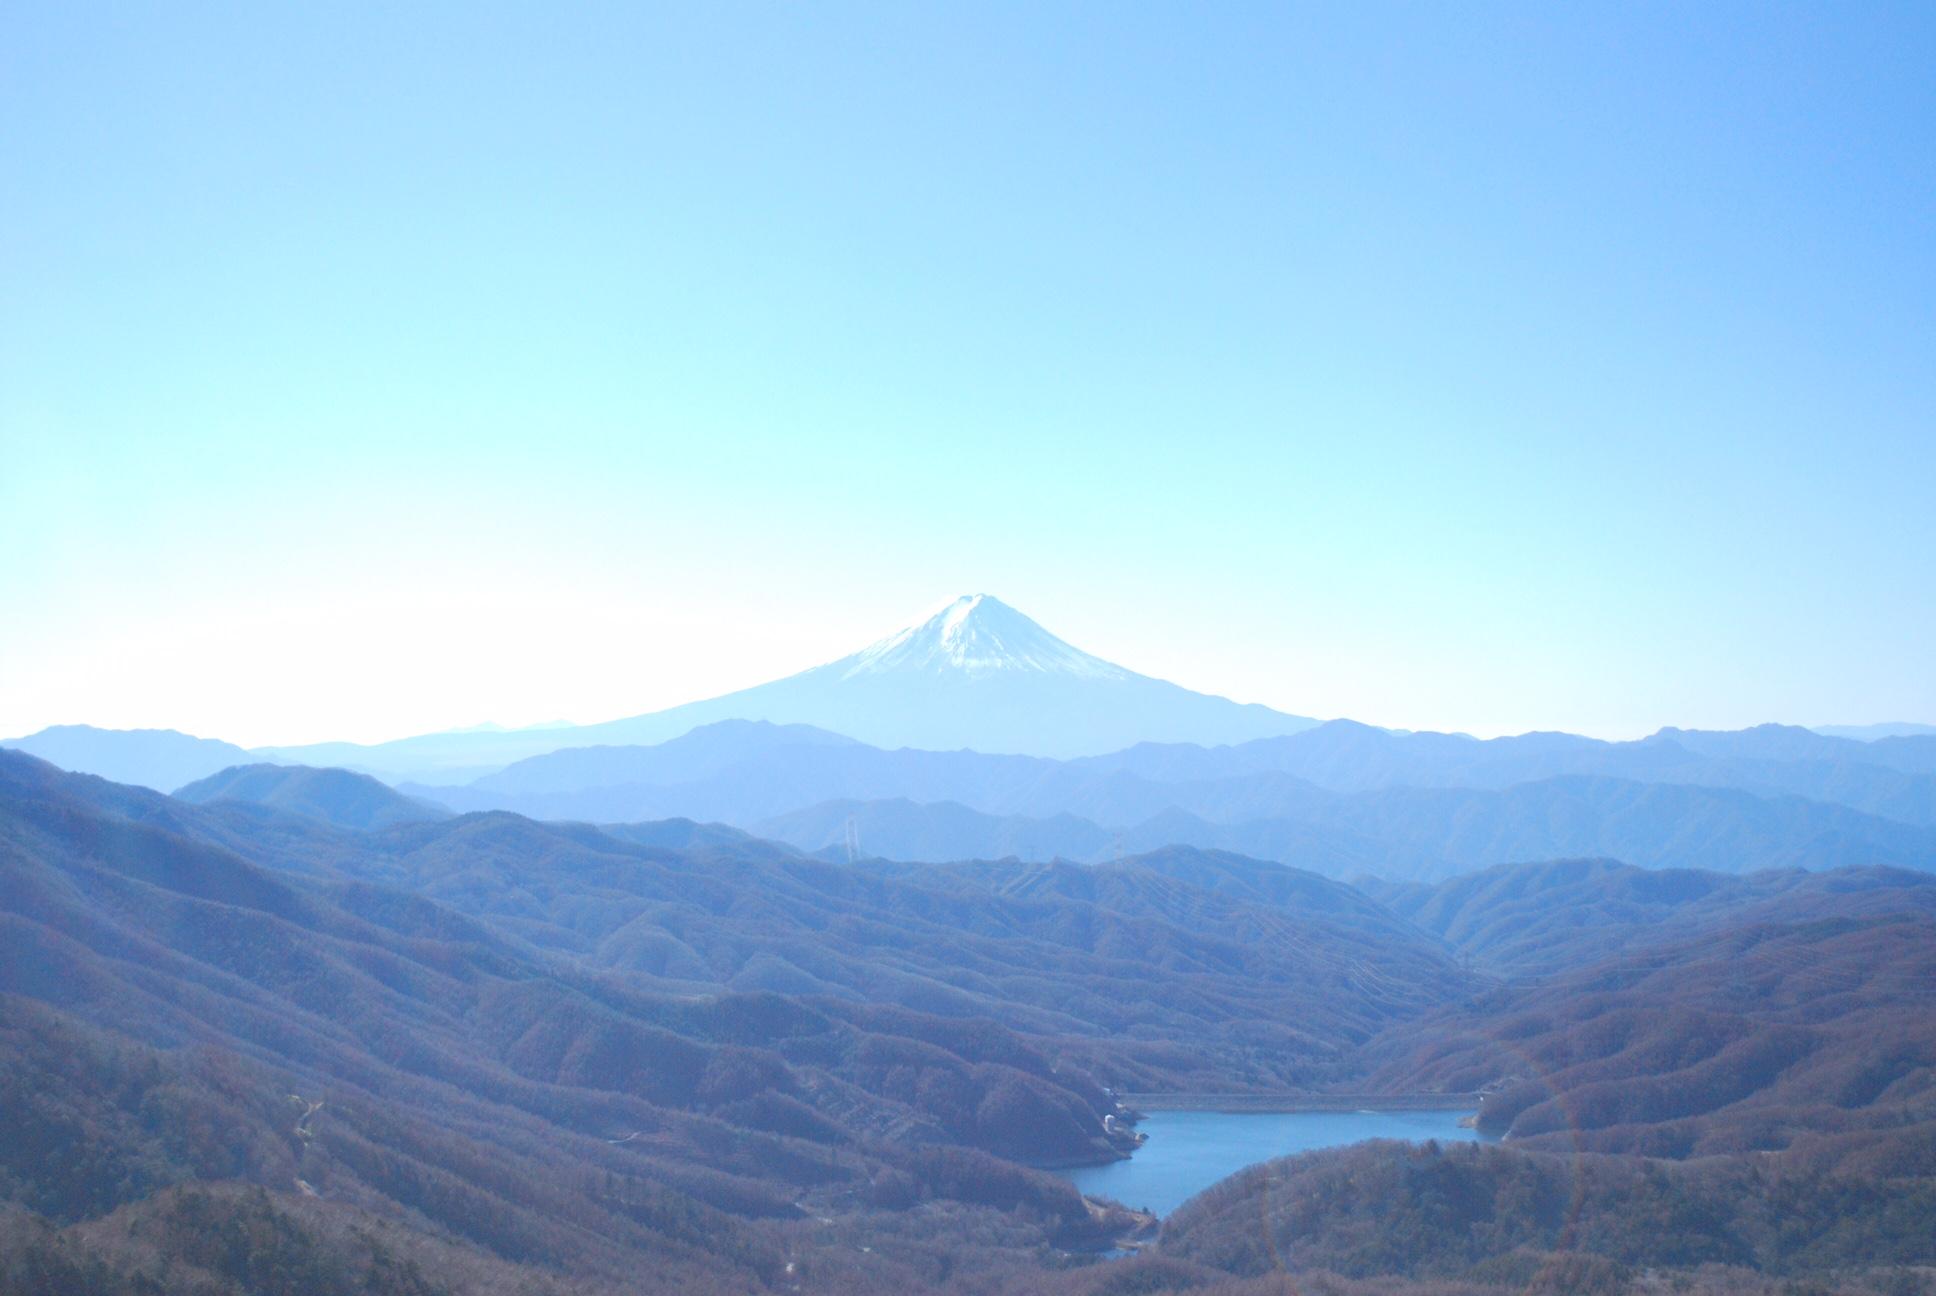 http://www.yamanashi-kankou.jp/blog/%E5%A4%A7%E8%8F%A9%E8%96%A9.JPG